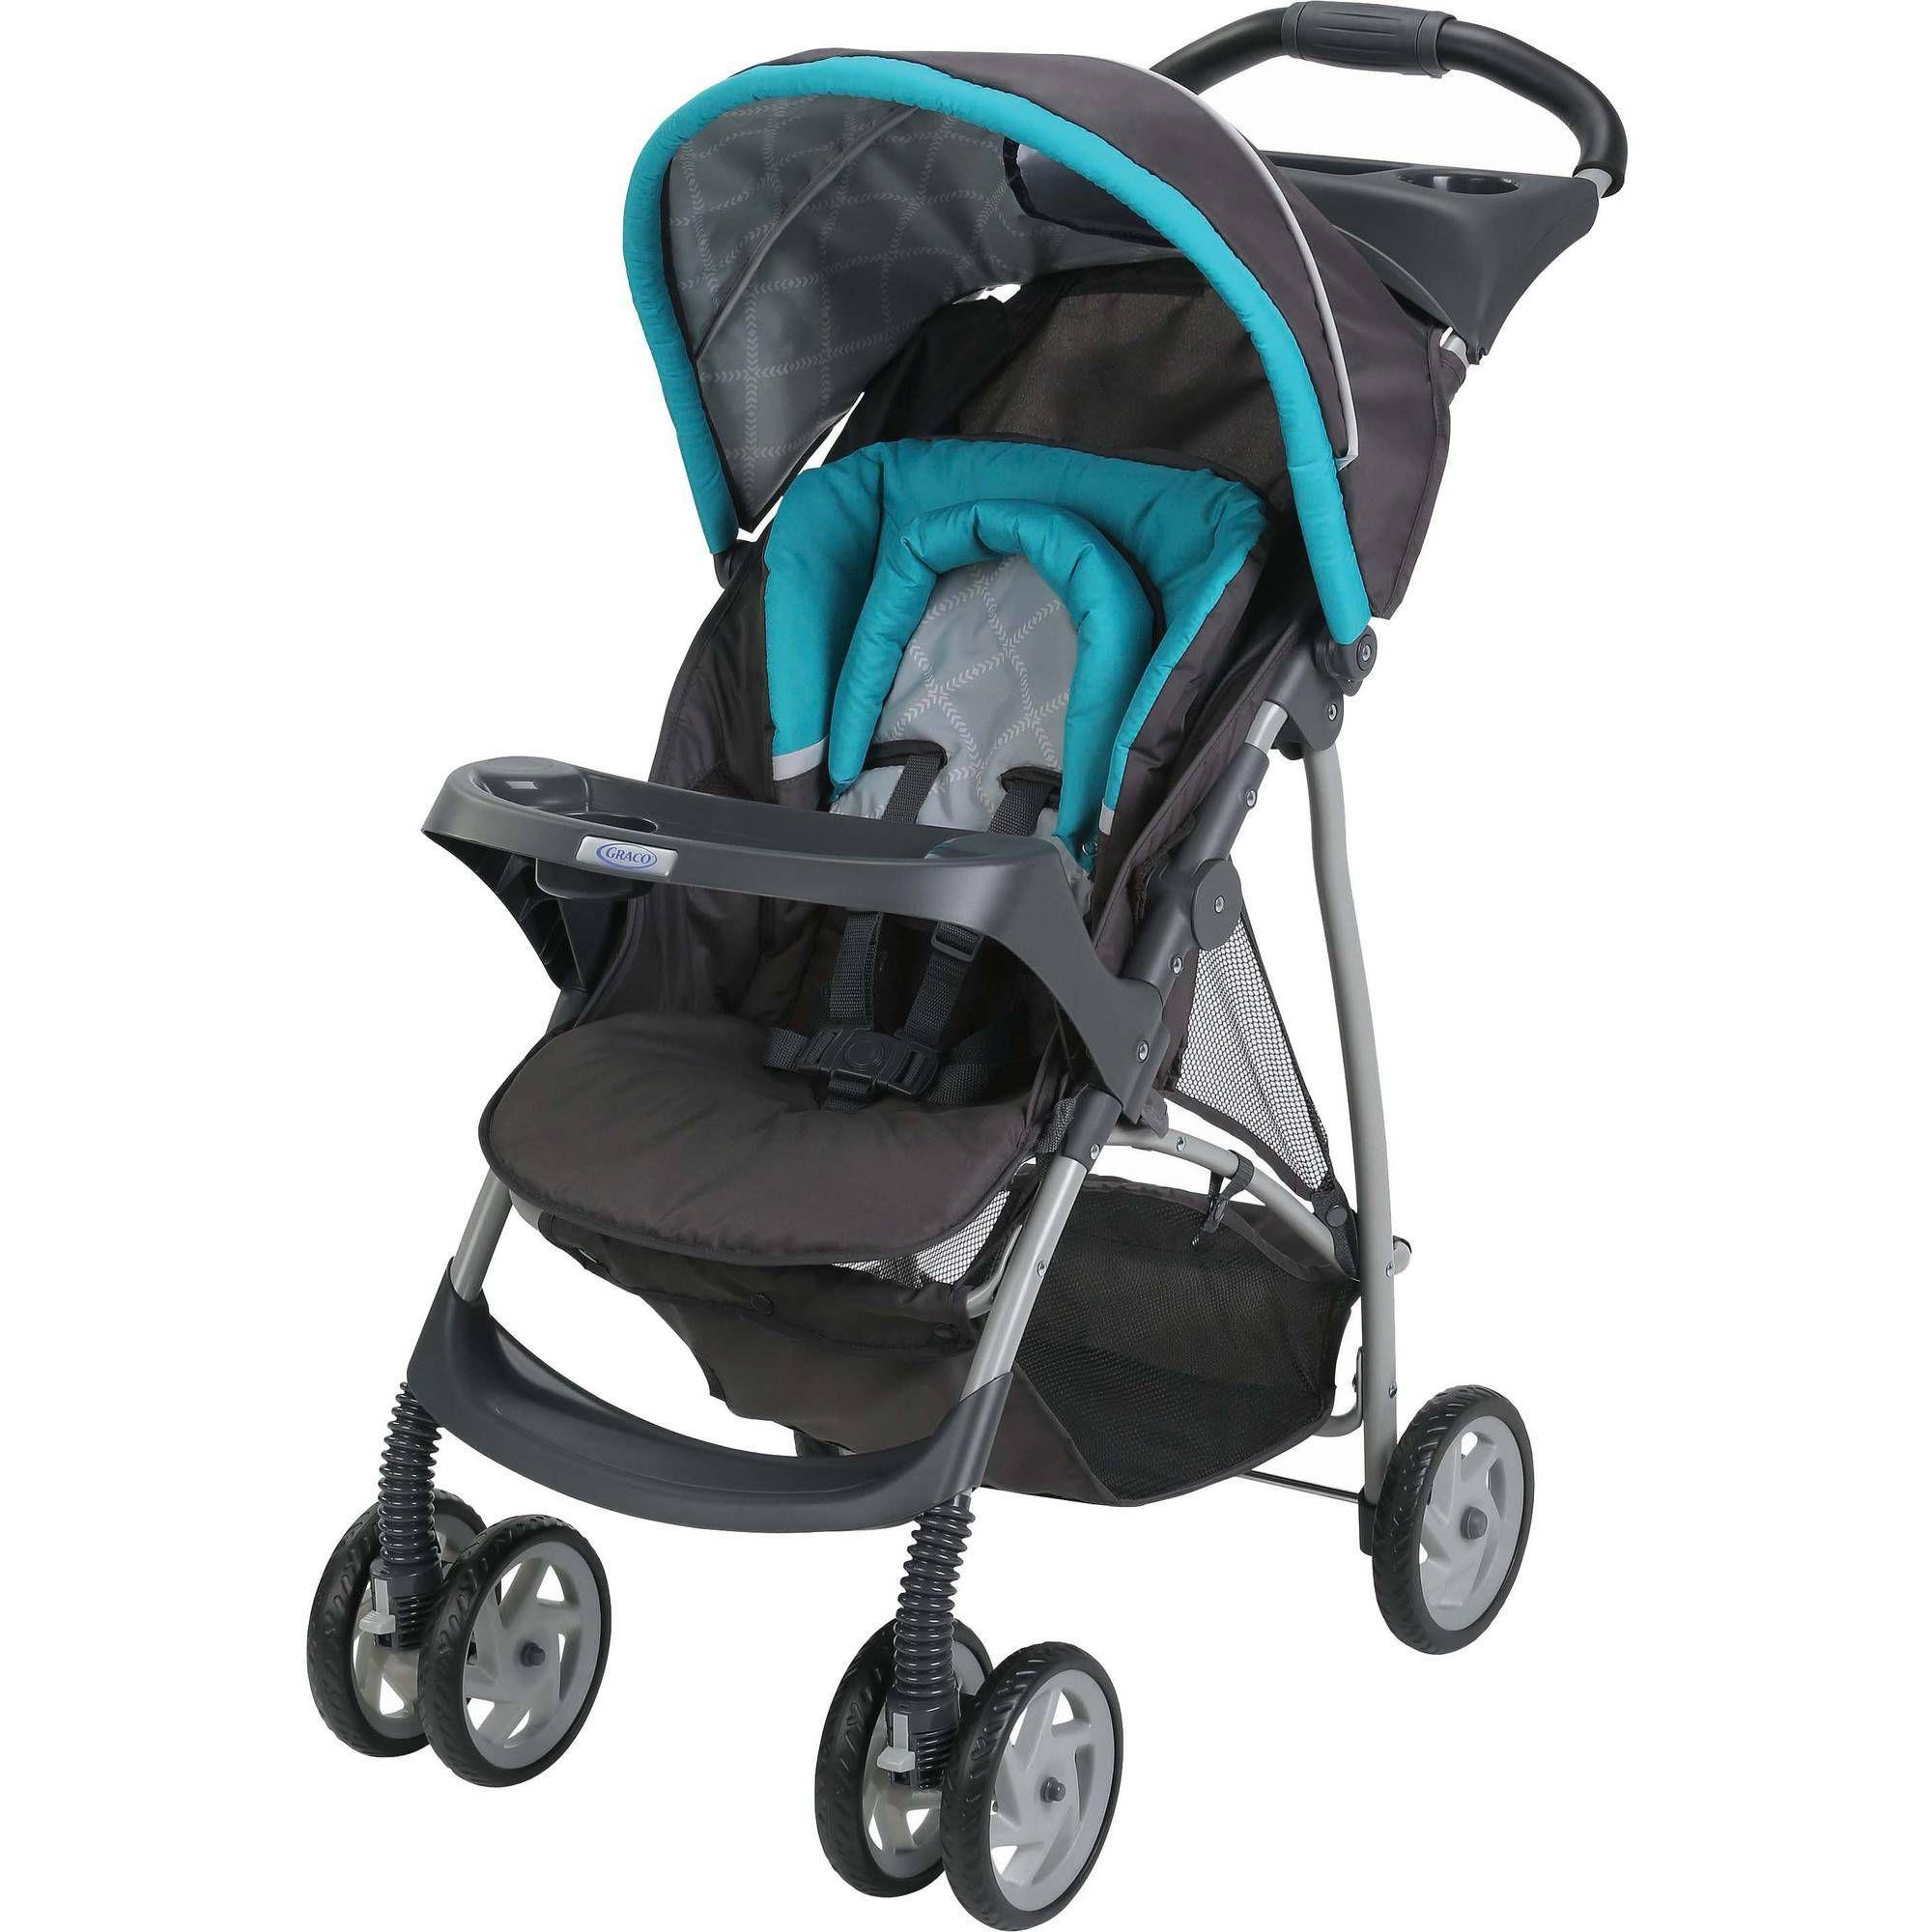 Graco LITERIDER Finch Stroller Best lightweight stroller